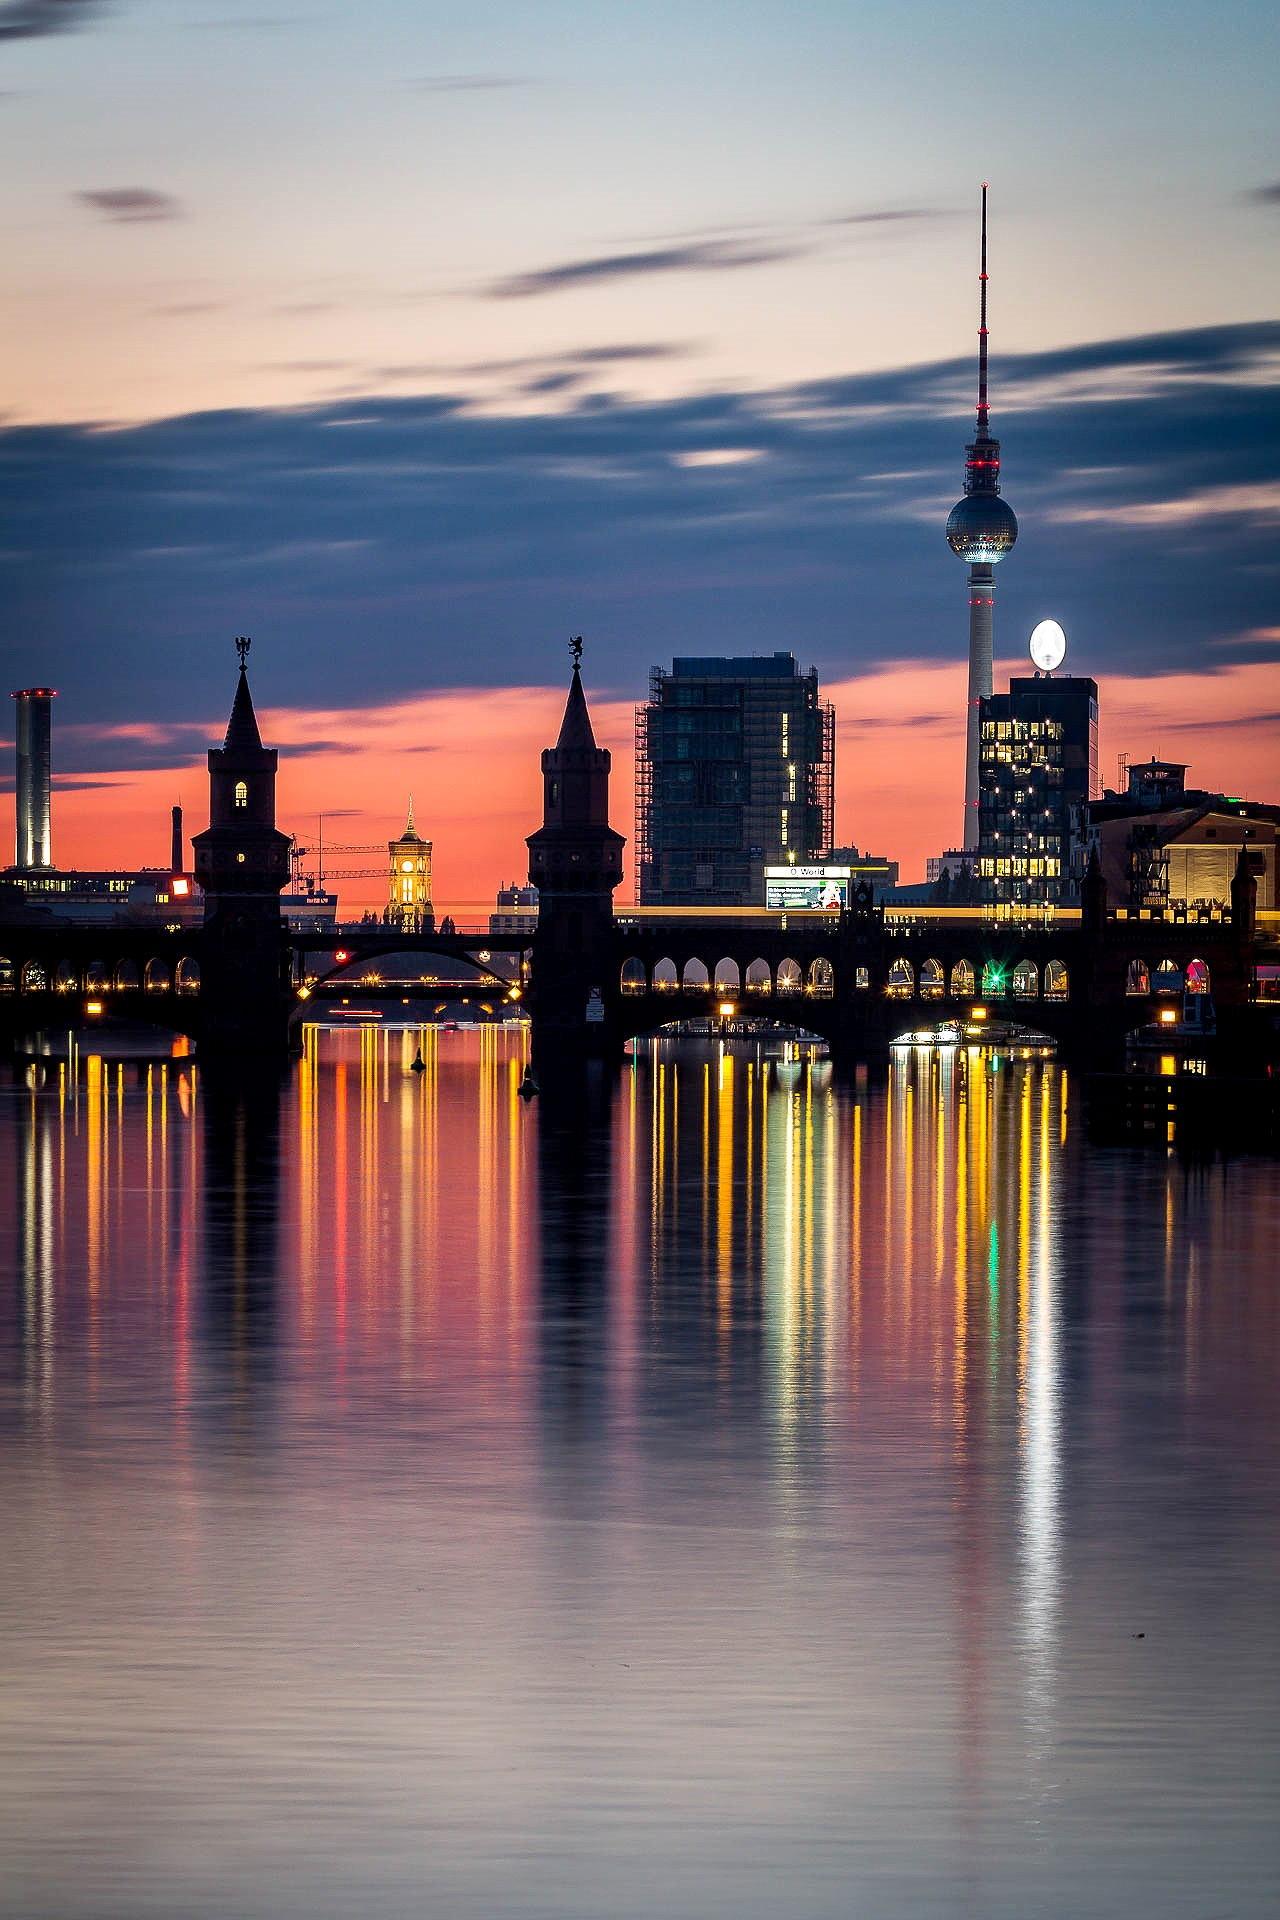 Berlin sunset by JeckstadtPhotography